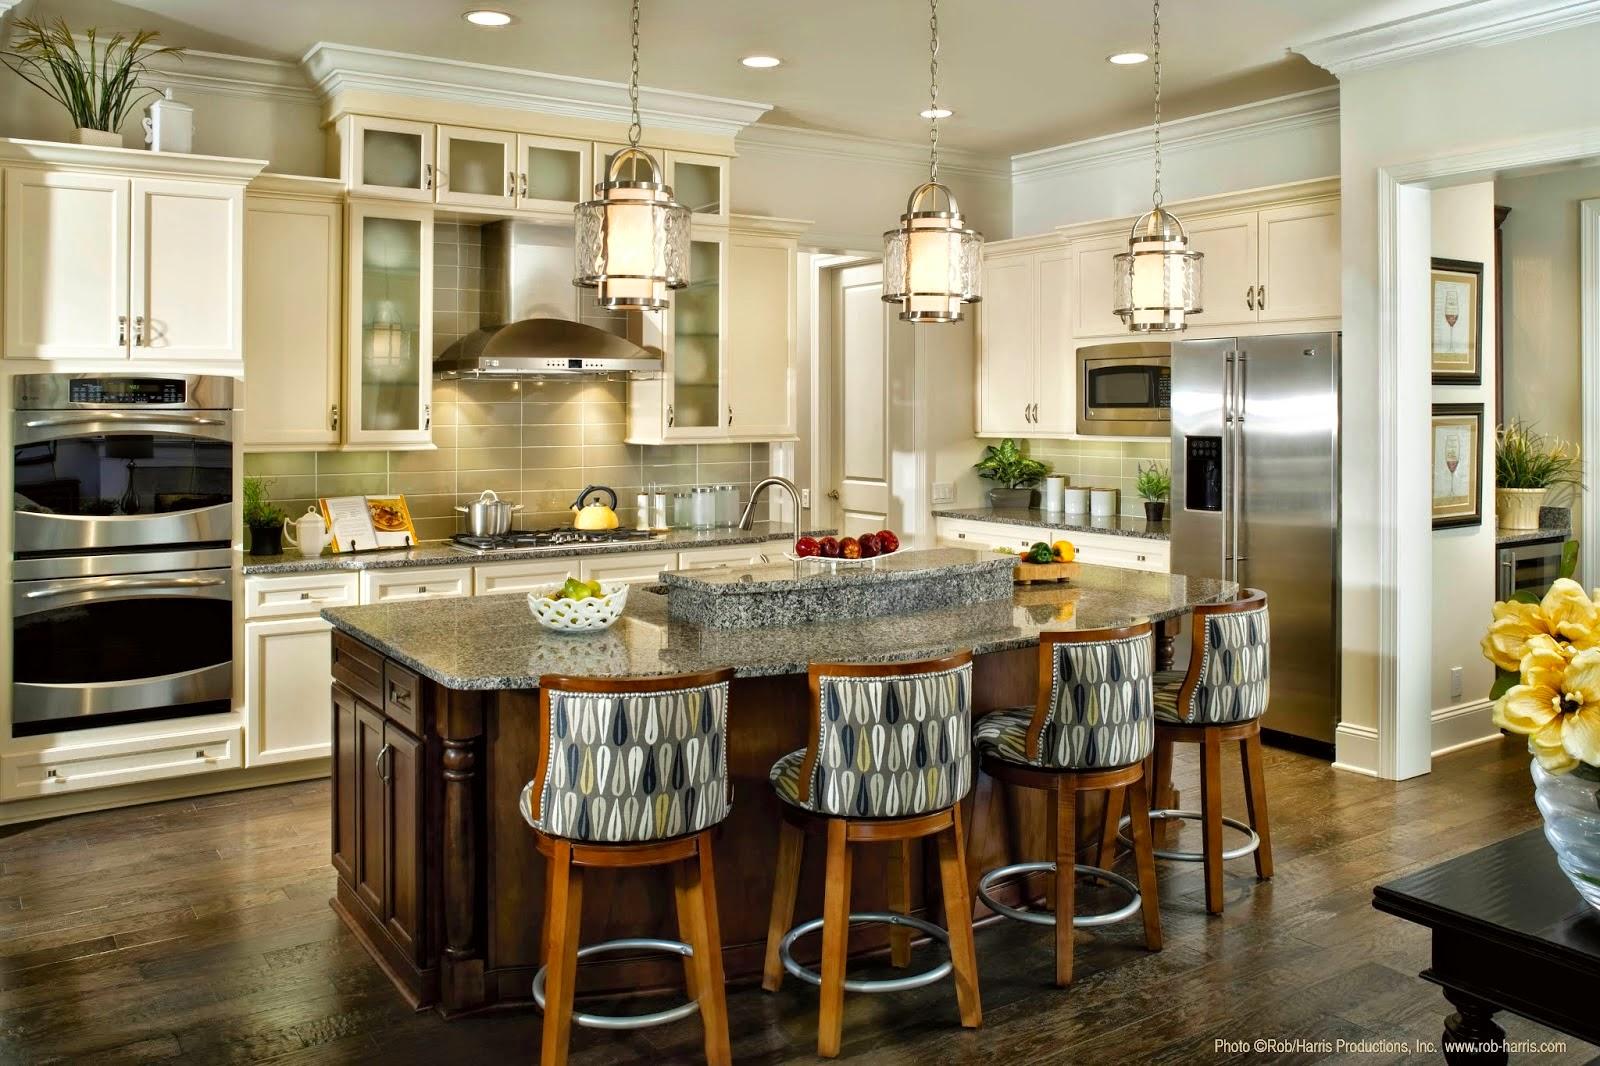 id e r novation petite cuisine sur un budget. Black Bedroom Furniture Sets. Home Design Ideas